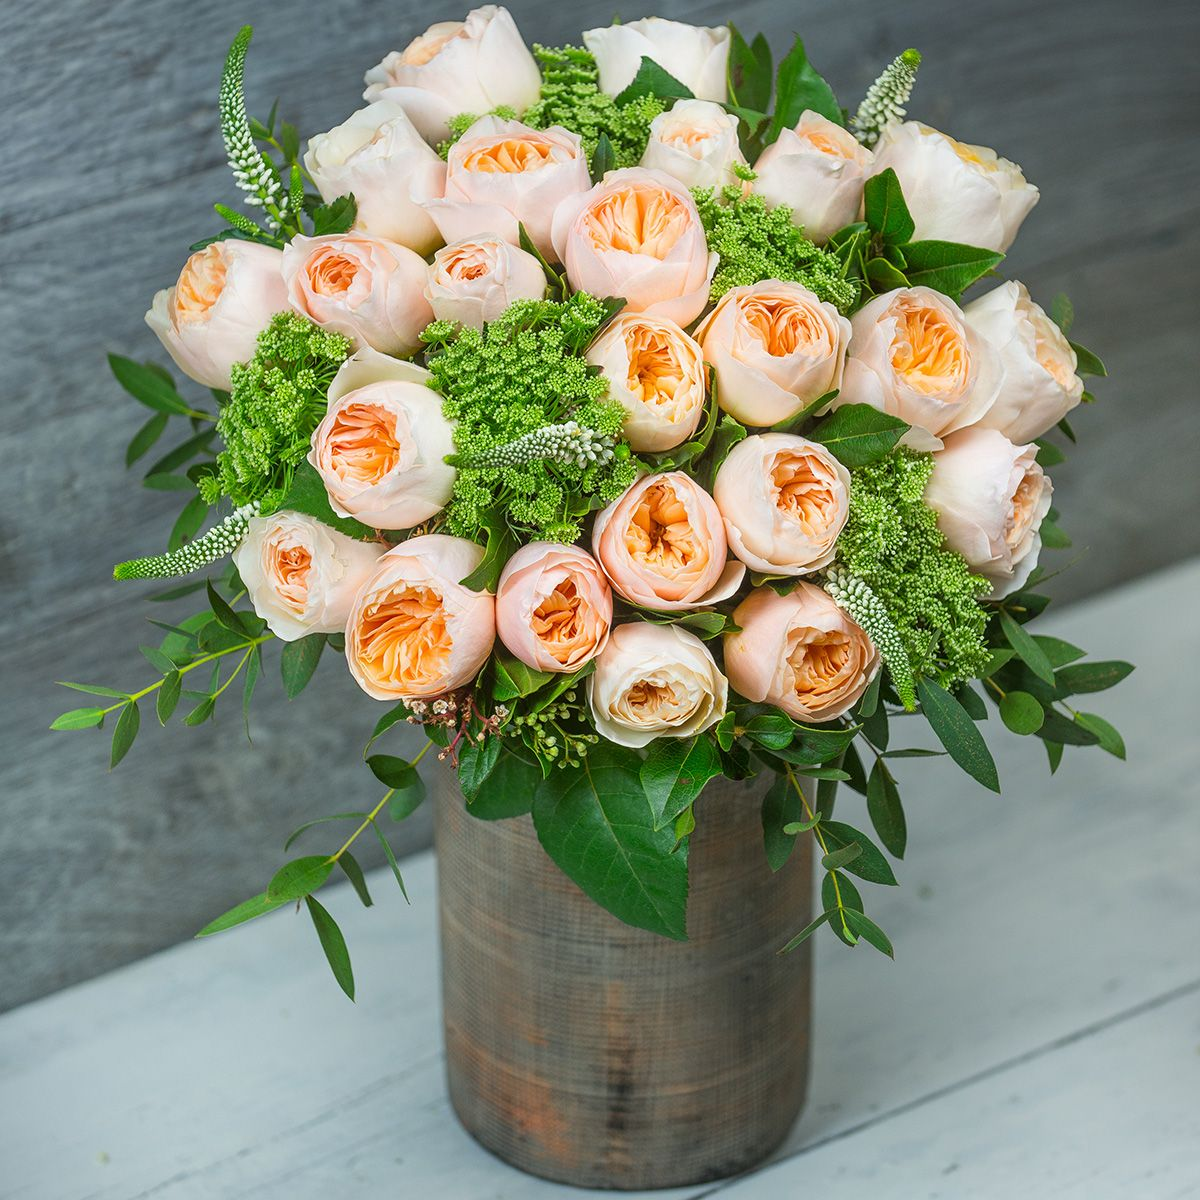 David austin juliet cottage garden bouquet izmirmasajfo